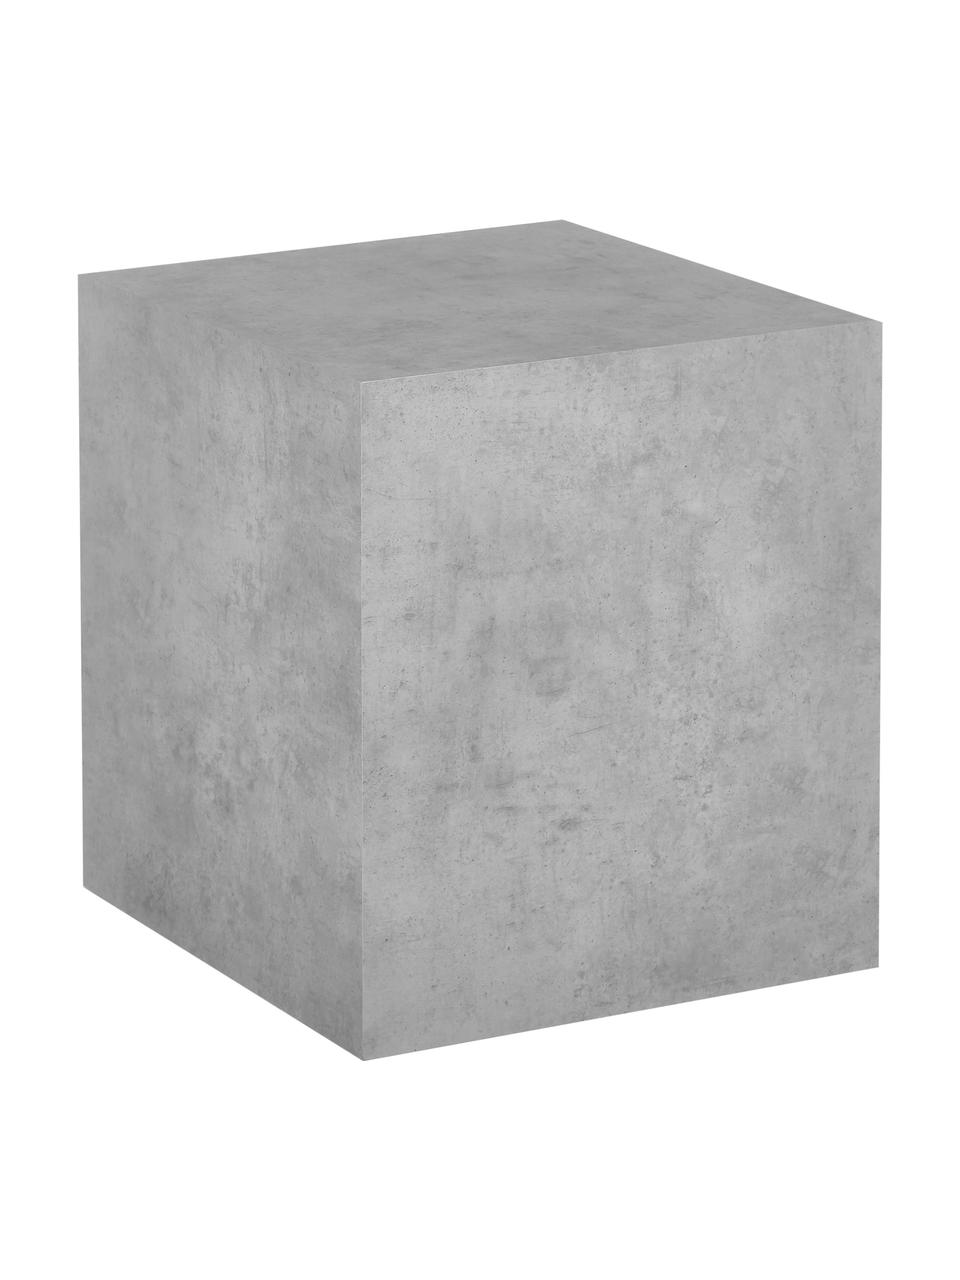 Beistelltisch Lesley in Beton-Optik, Mitteldichte Holzfaserplatte (MDF), mit Melaminfolie überzogen, Grau, Beton-Optik, 45 x 50 cm